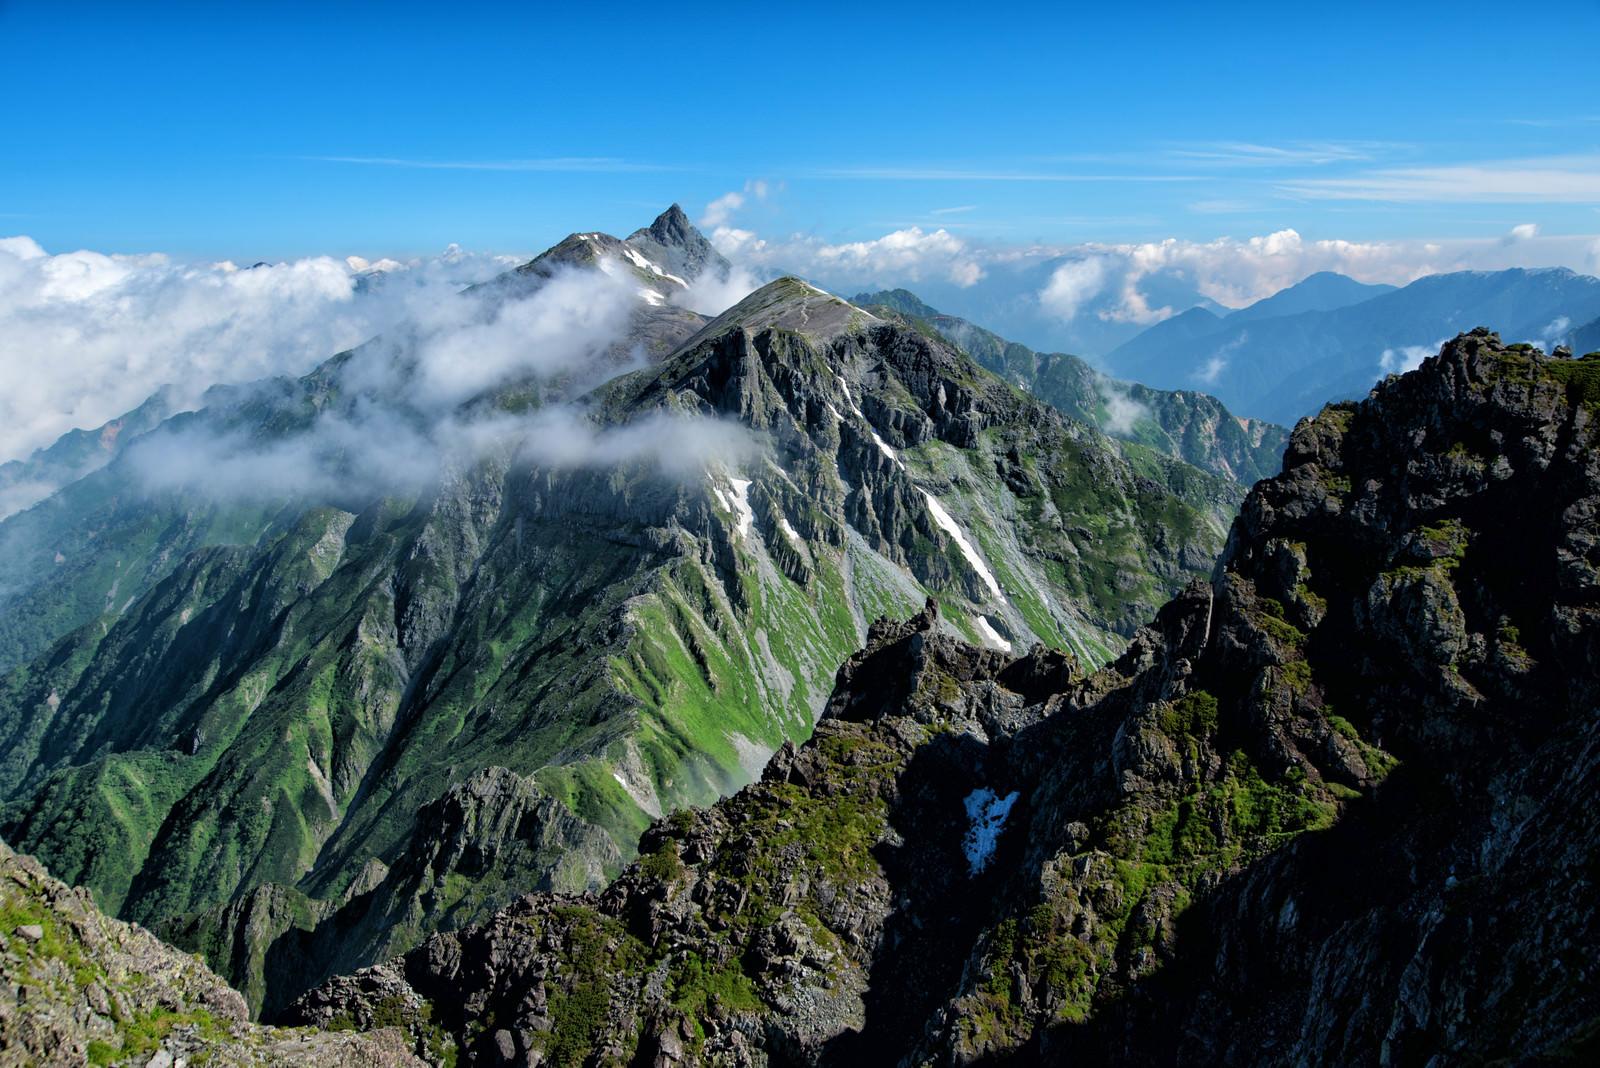 「雲に覆われる大キレットと槍ヶ岳(飛騨山脈)」の写真